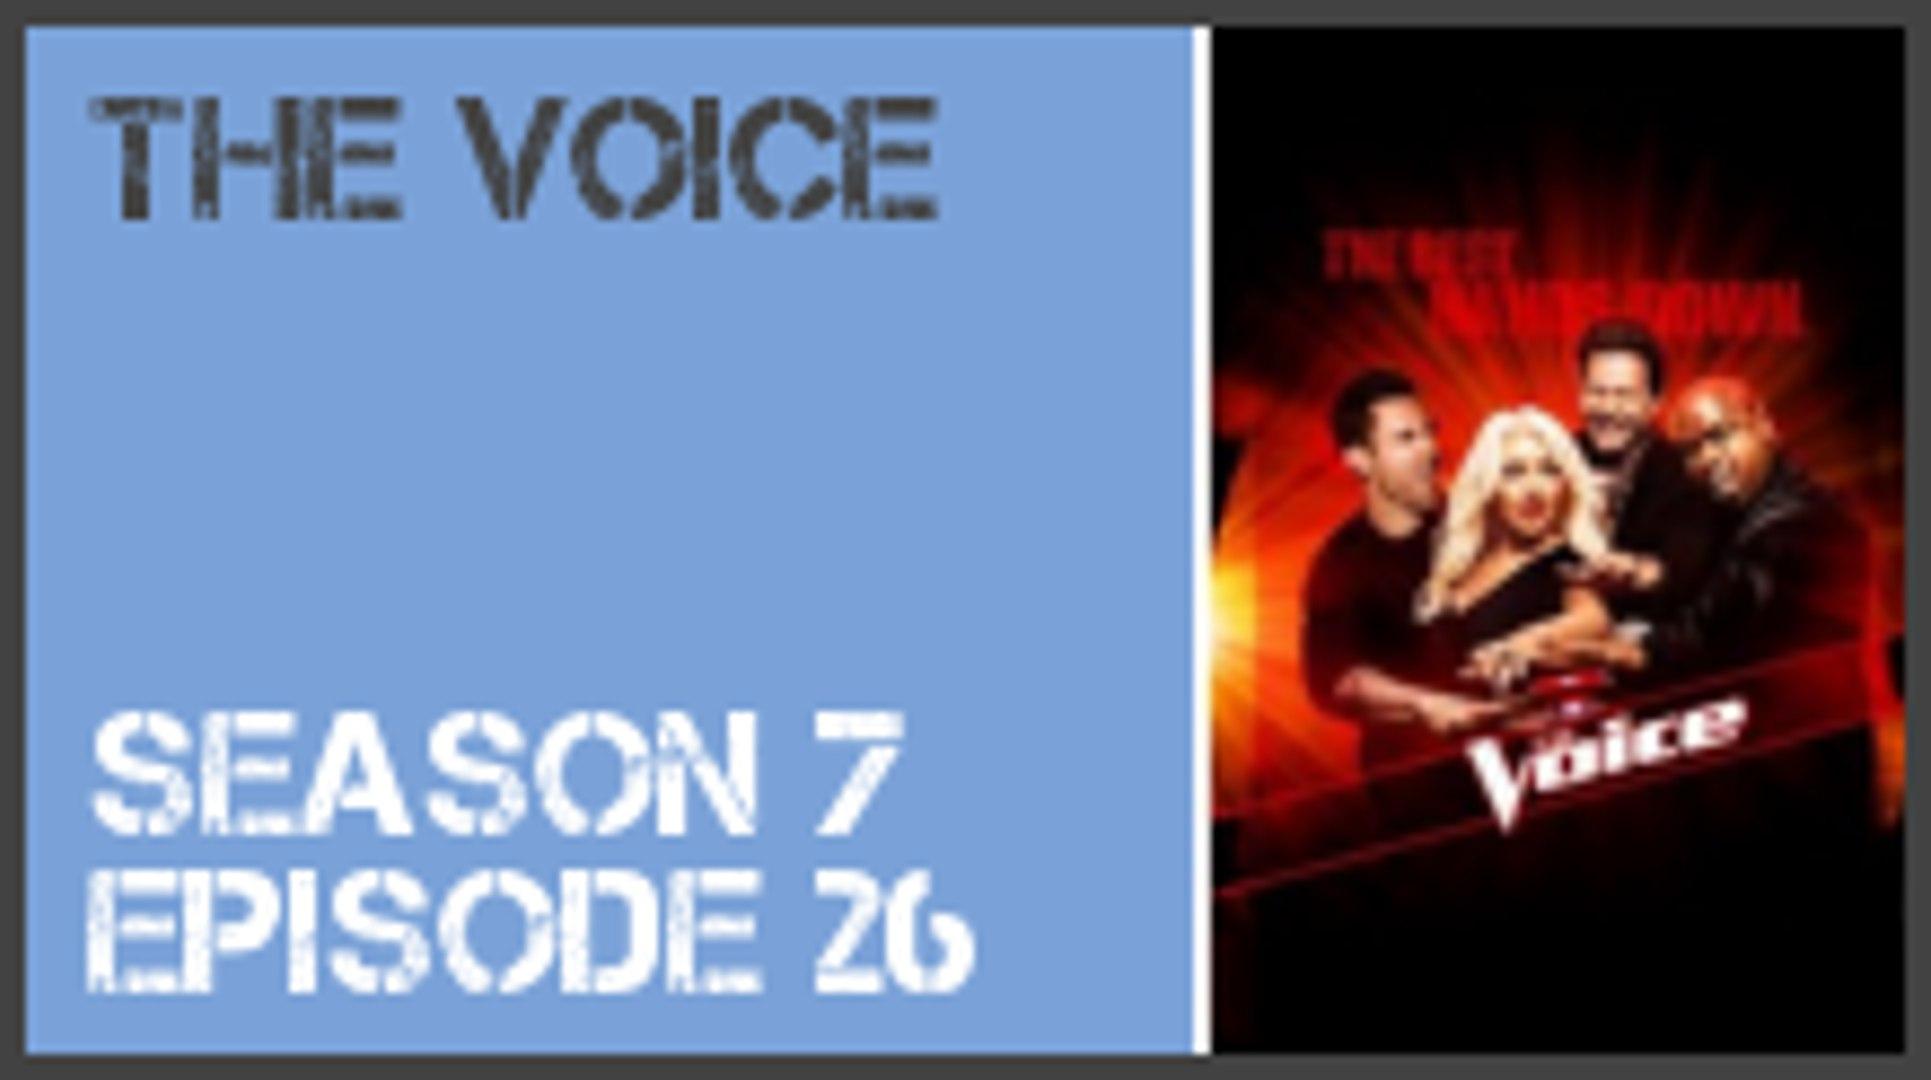 The Voice season 7 episode 26 s7e26